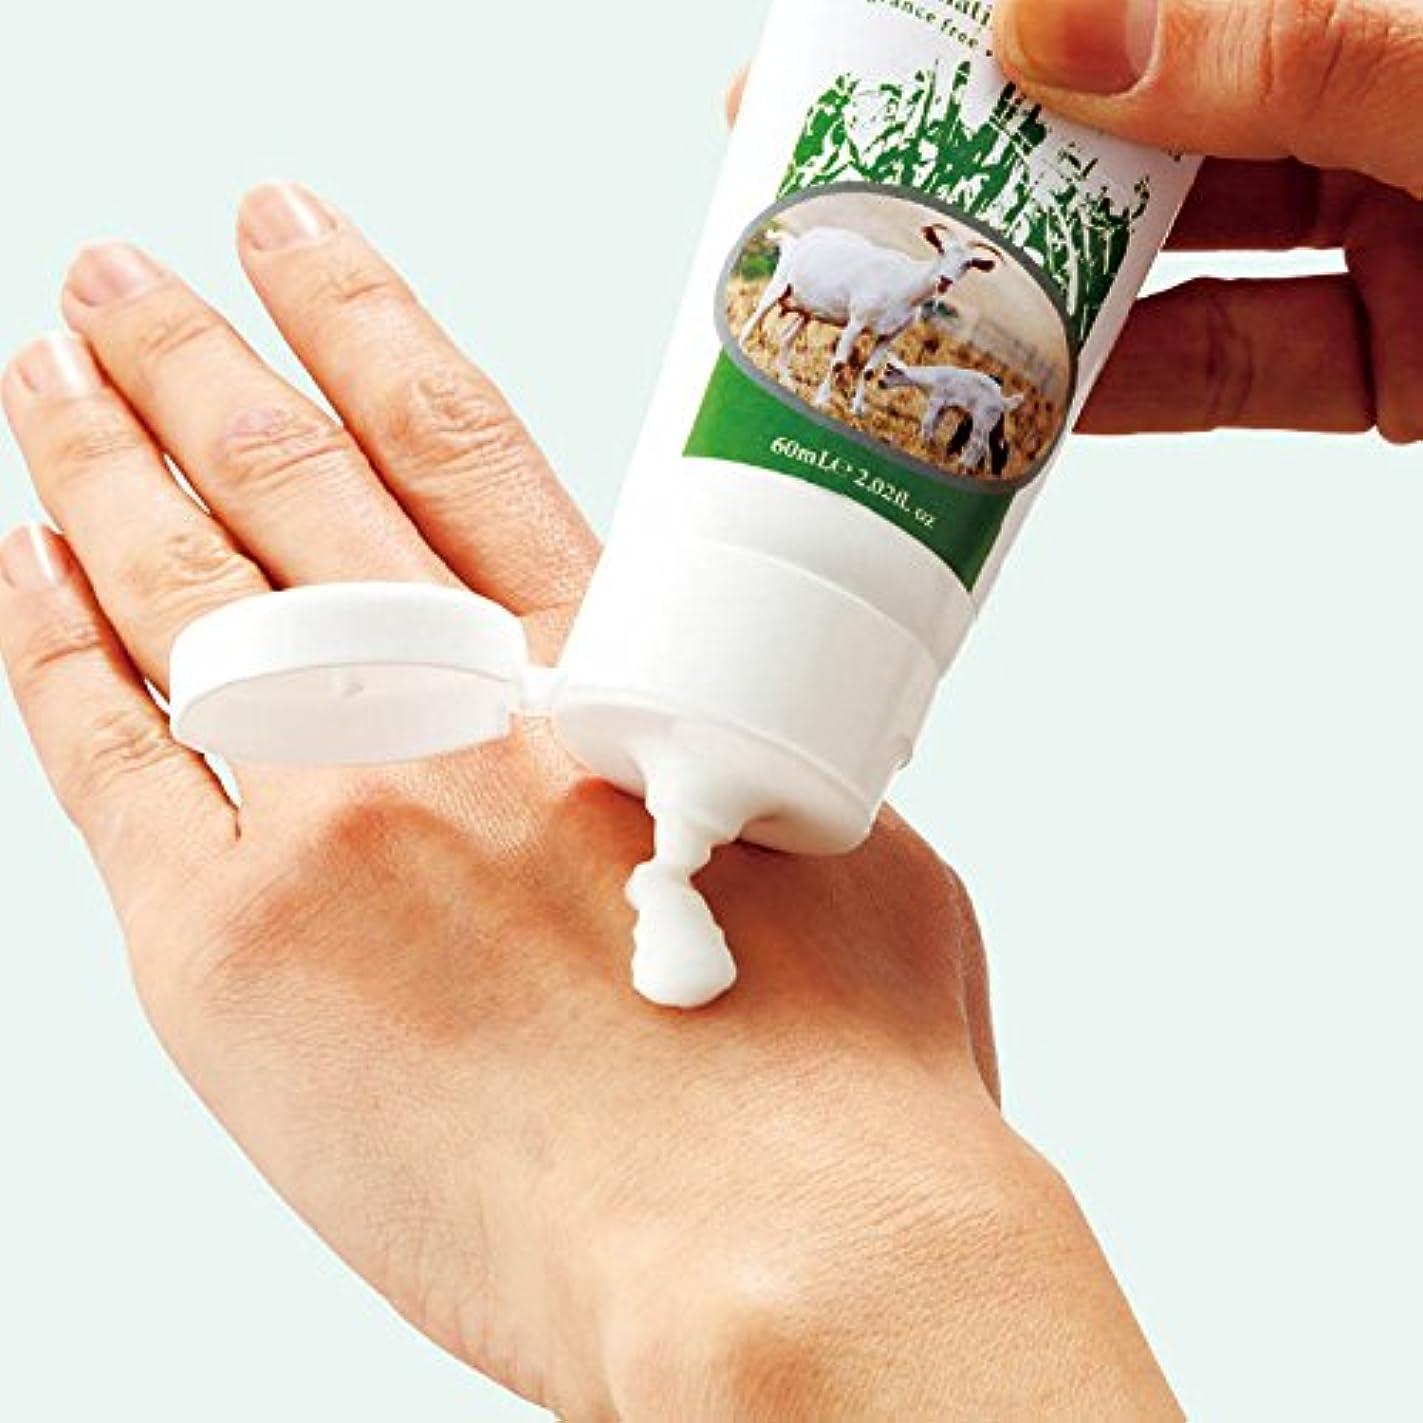 サイレント赤道確率オーストラリア 土産 ティリー ゴートミルク ハンドクリーム 3本セット (海外旅行 オーストラリア お土産)